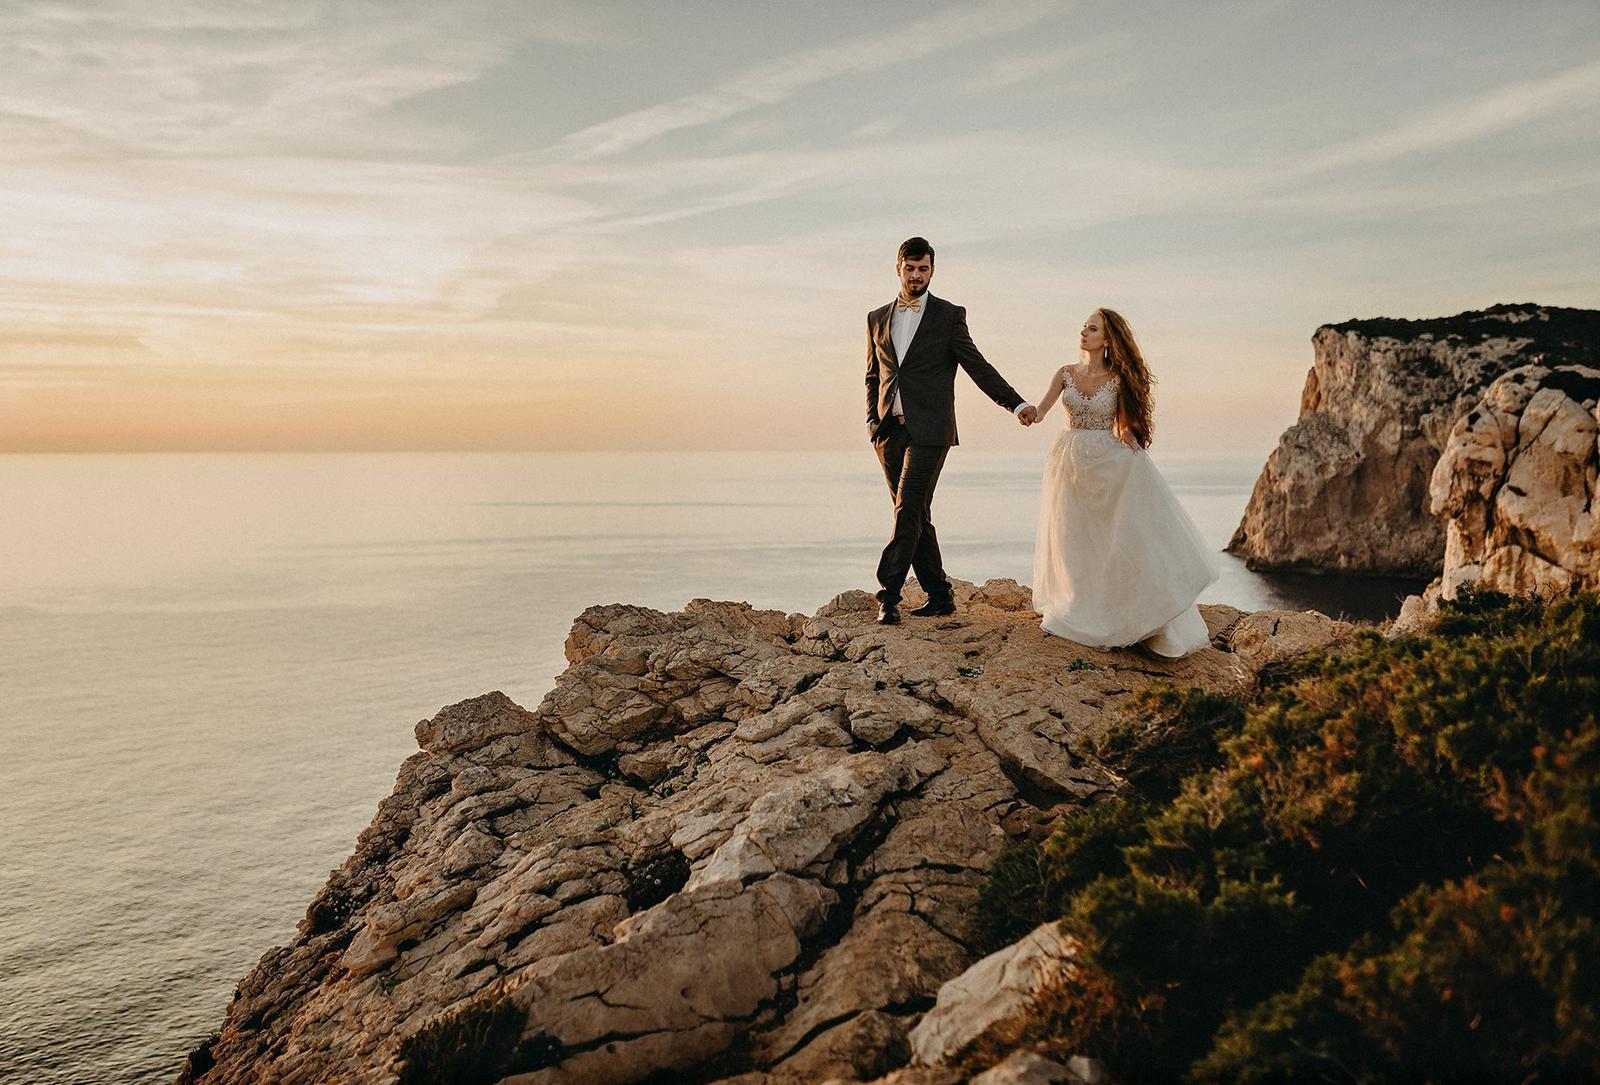 Naše svadobné fotenie na Sardínii - Obrázok č. 78